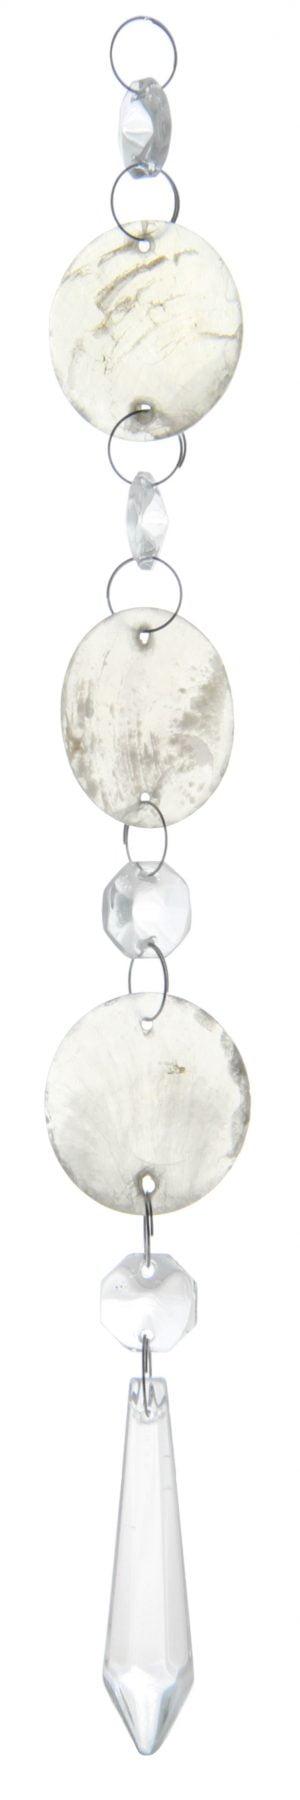 """Kirkas kristalliketju, jossa on neljä kahdeksan kulmaista kristallia, joiden välissä on pyöreät """"helmisimpukka"""" laatat. Alinna riippuu pidempi, alaspäin levenevä kristalli, joka kärjistyy alaosassa keskelle."""